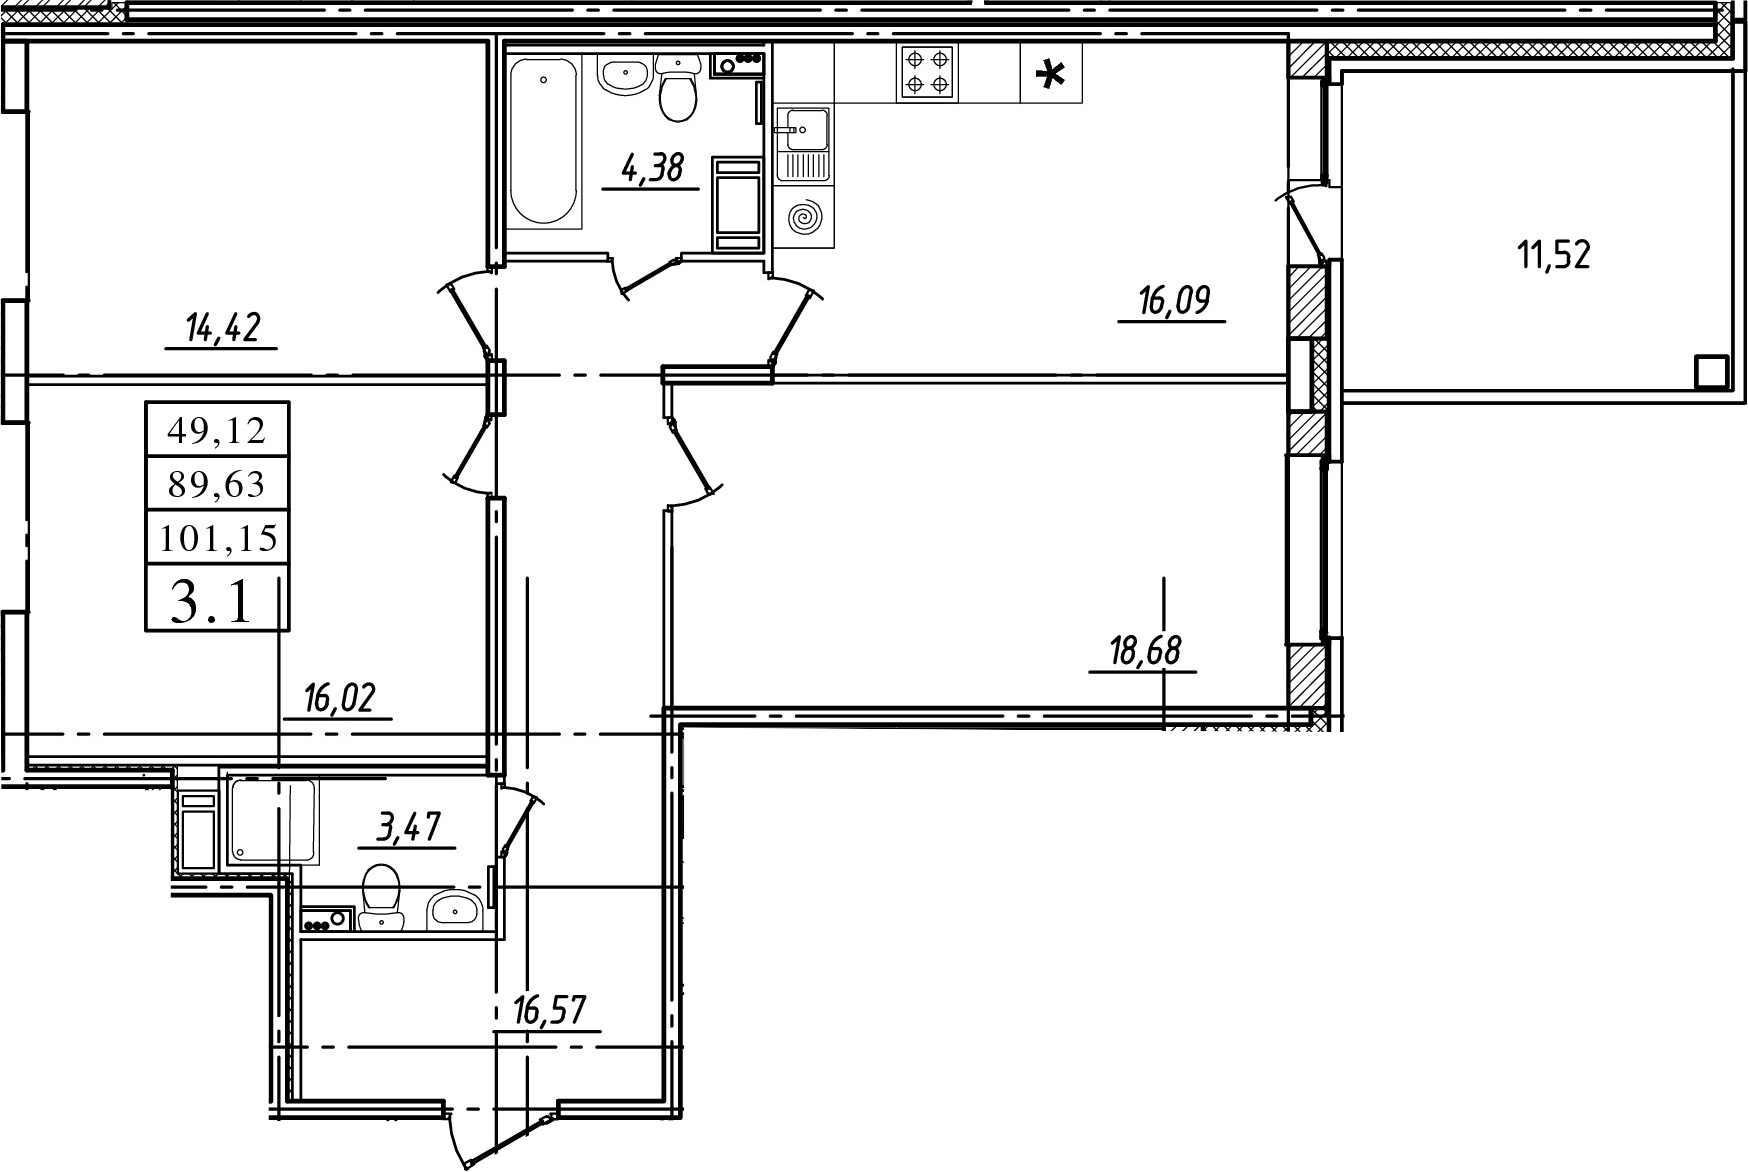 3-к.кв, 89.63 м²